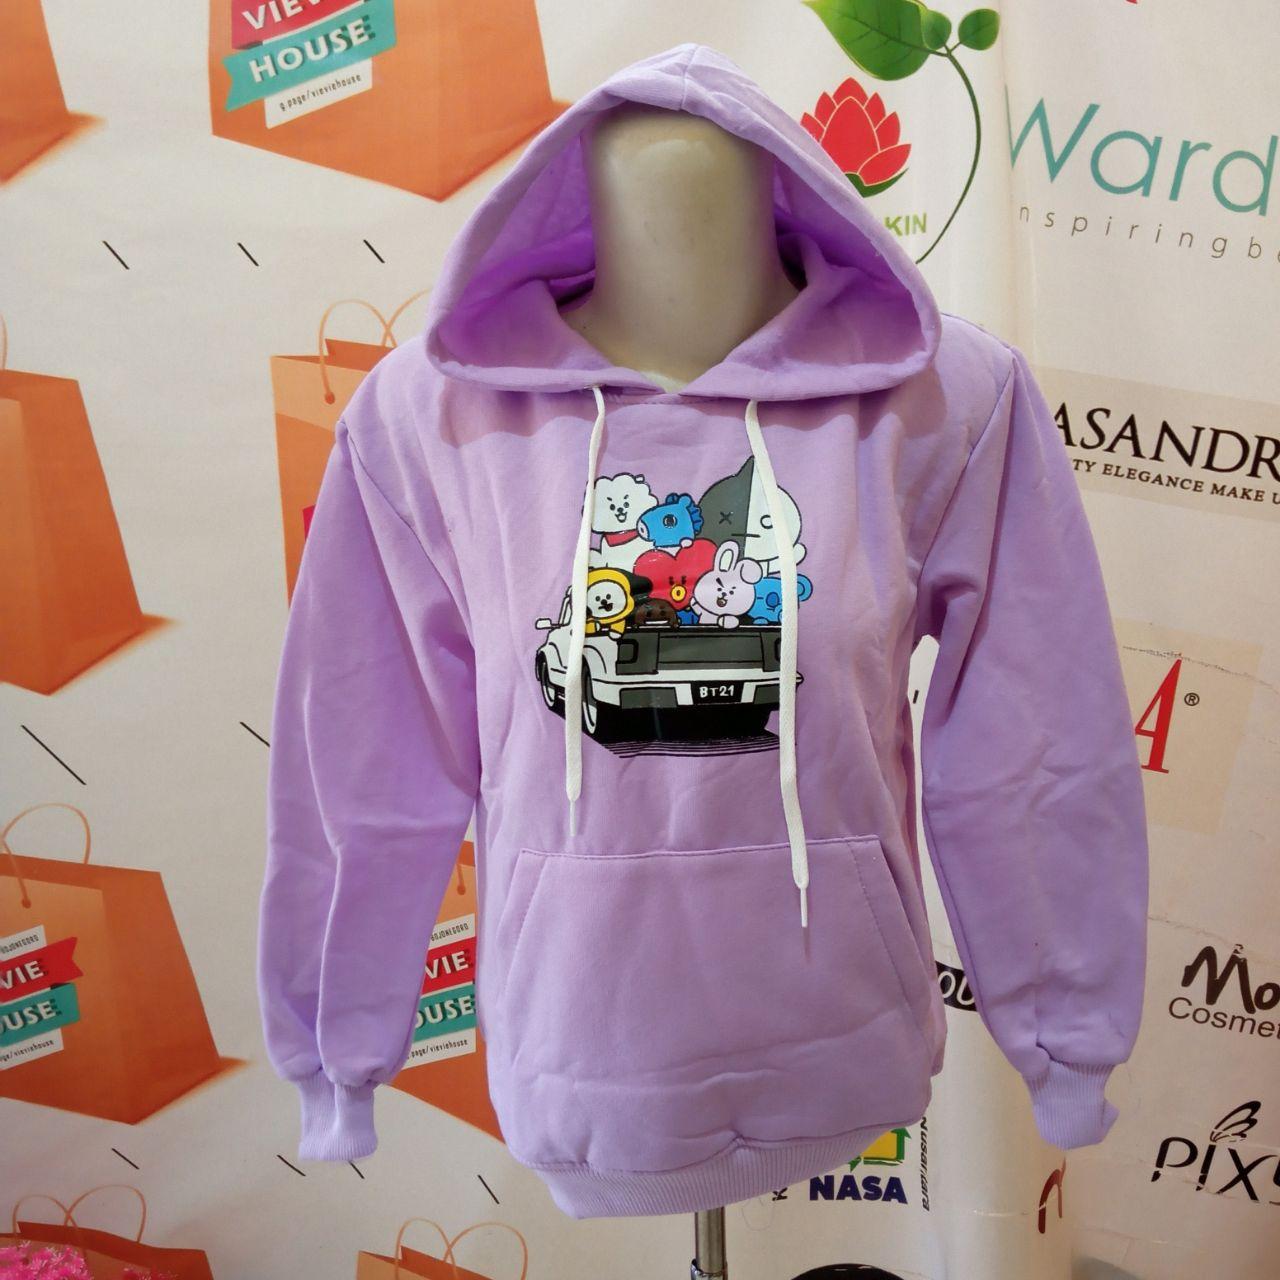 ini adalah Jaket Anak Kumpul Ungu, size: LD +- 78cm, material: Fleece, color: Purple, brand: JaketAnakIndonesia, age_group: kids, gender: unisex